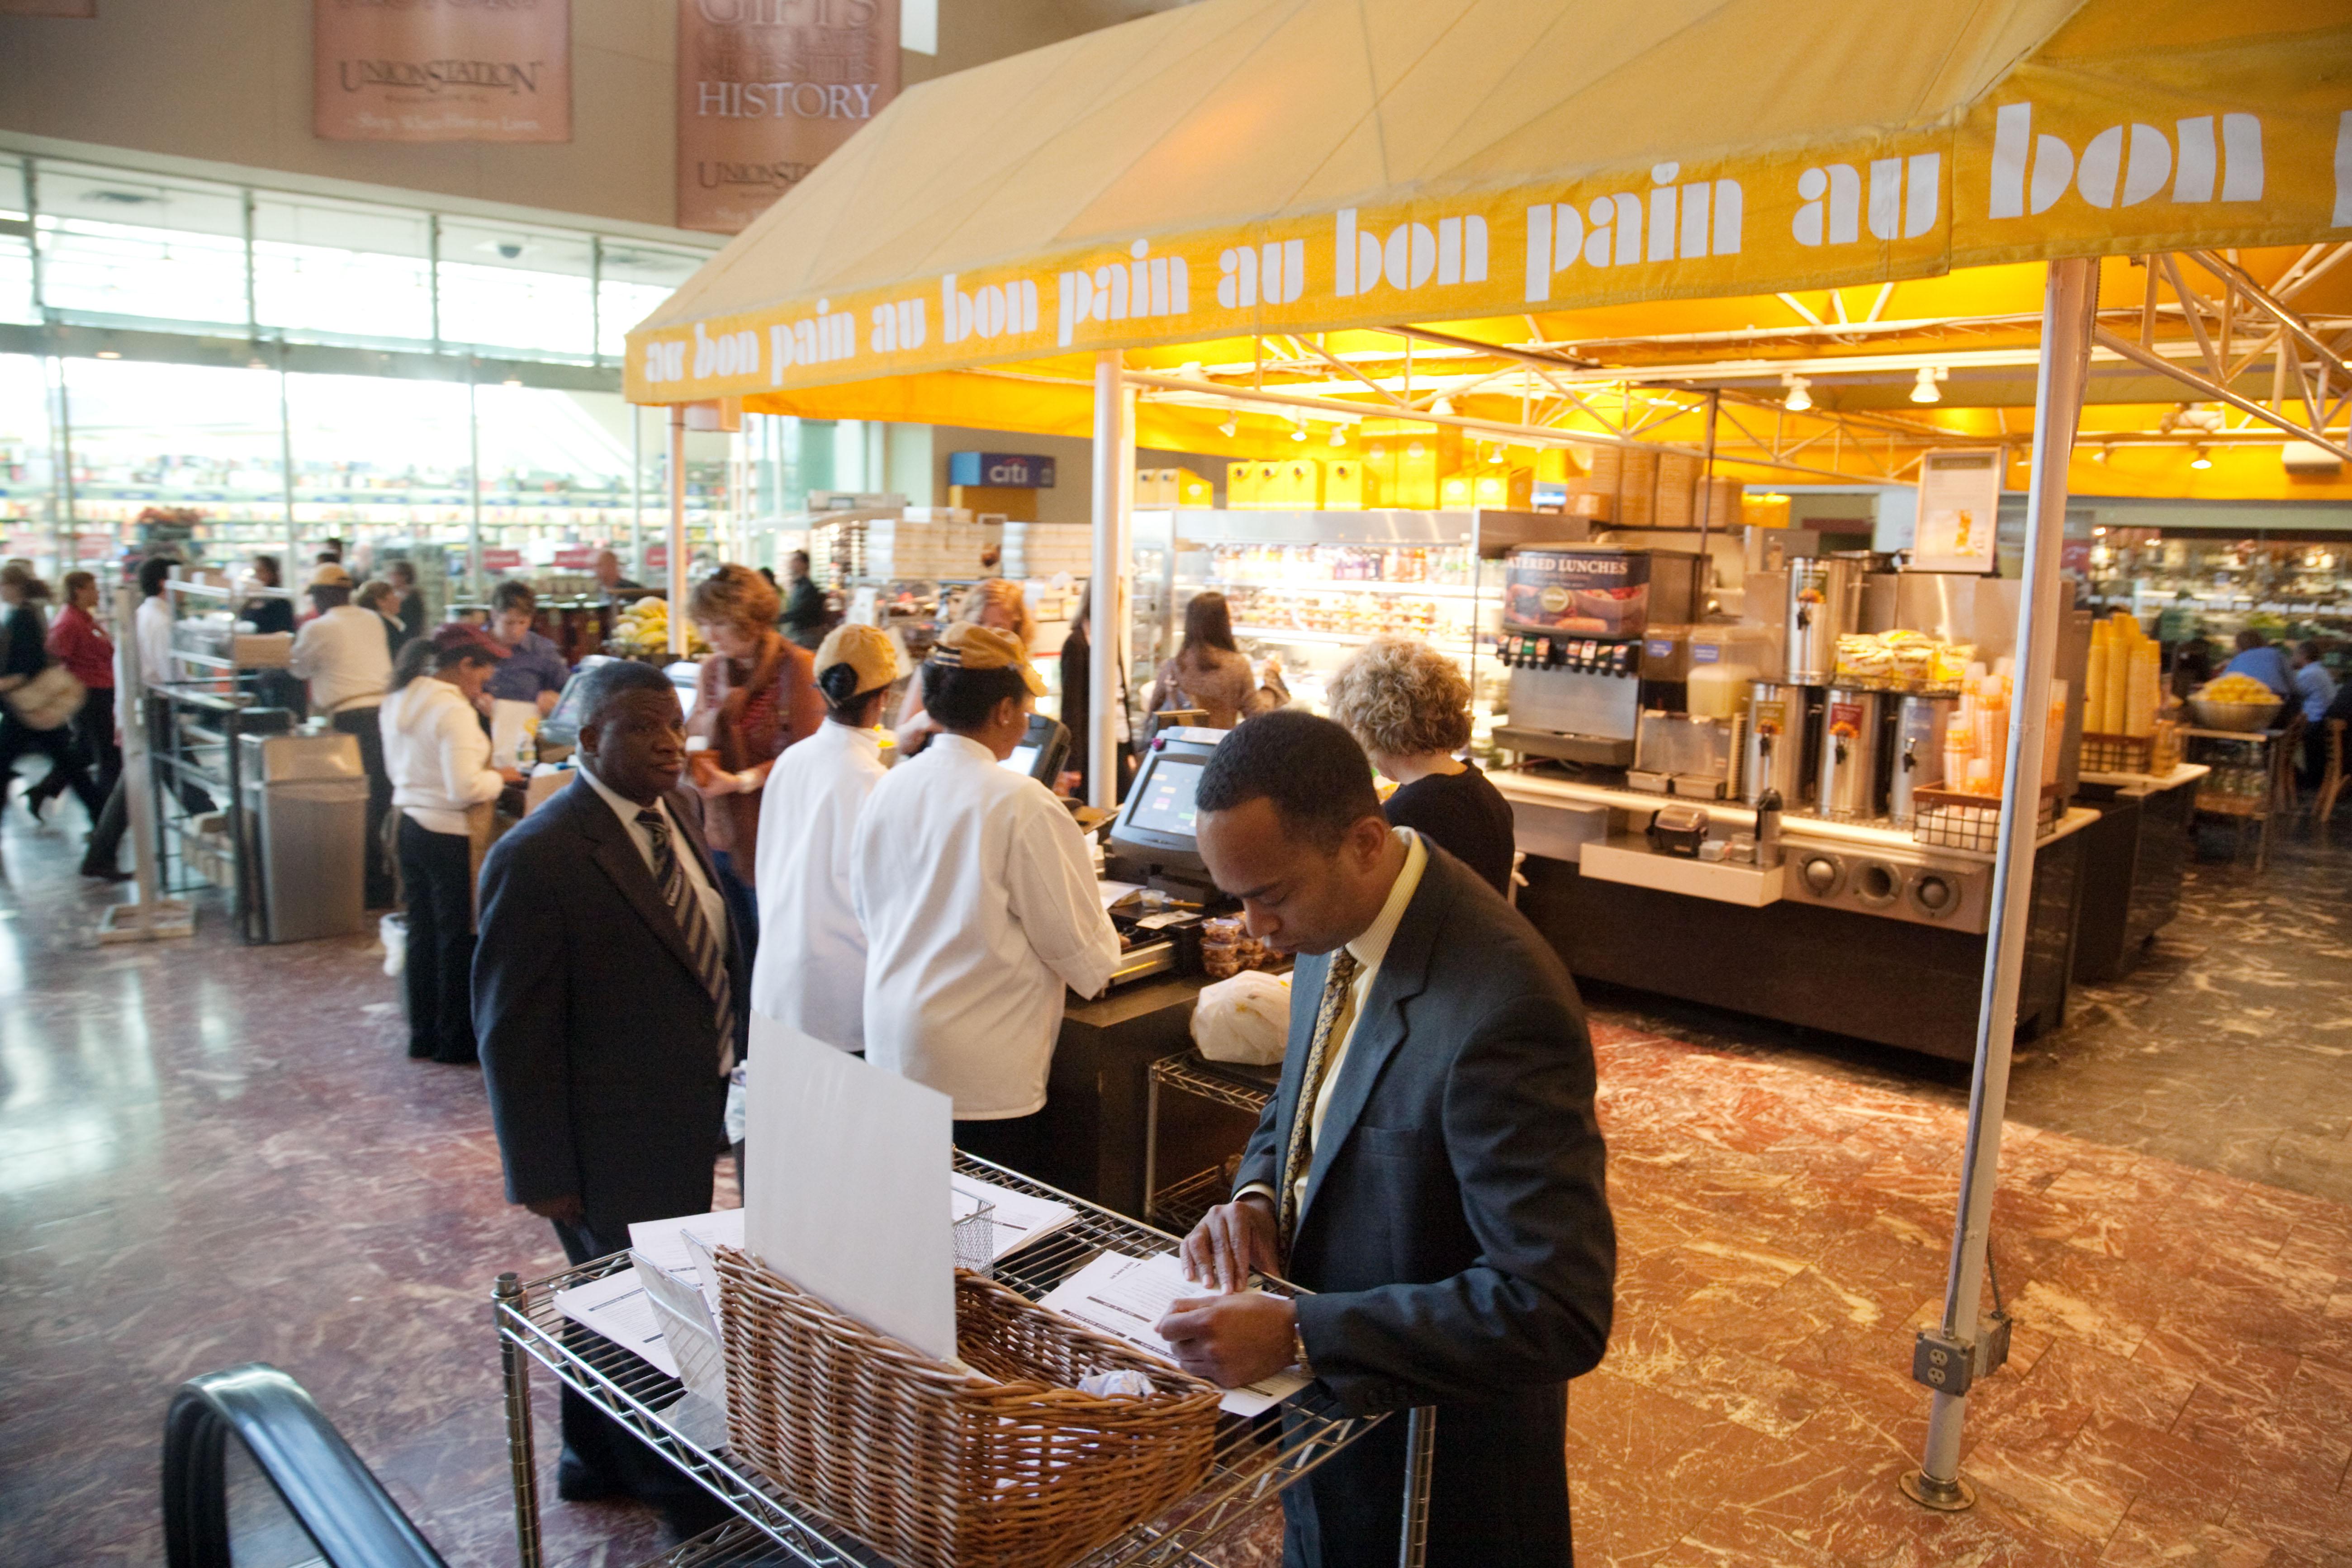 People buying food at Au Bon Pain restaurant / cafe , Union Station, Washington DC USA